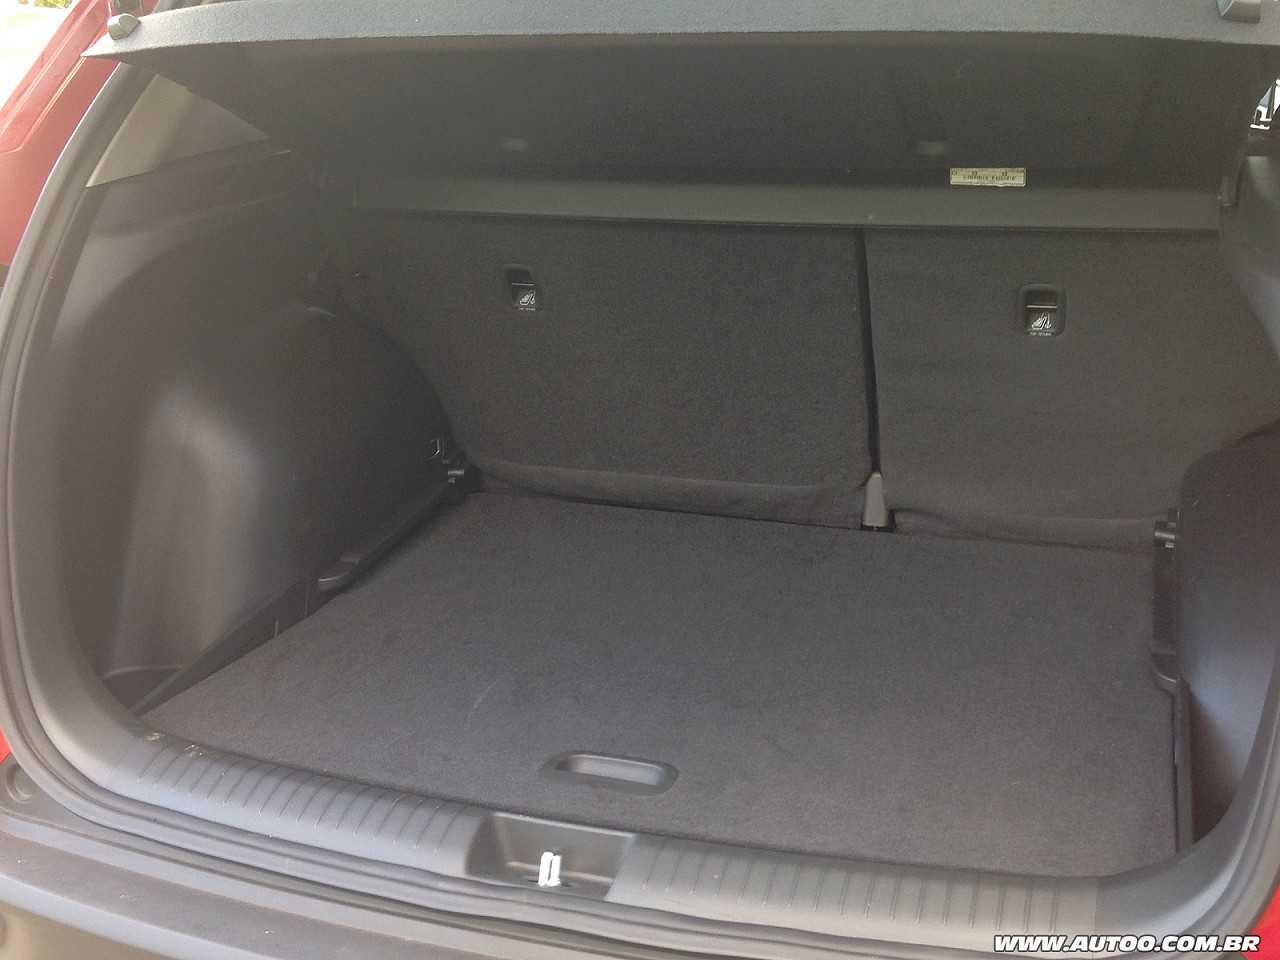 HyundaiCreta 2018 - porta-malas